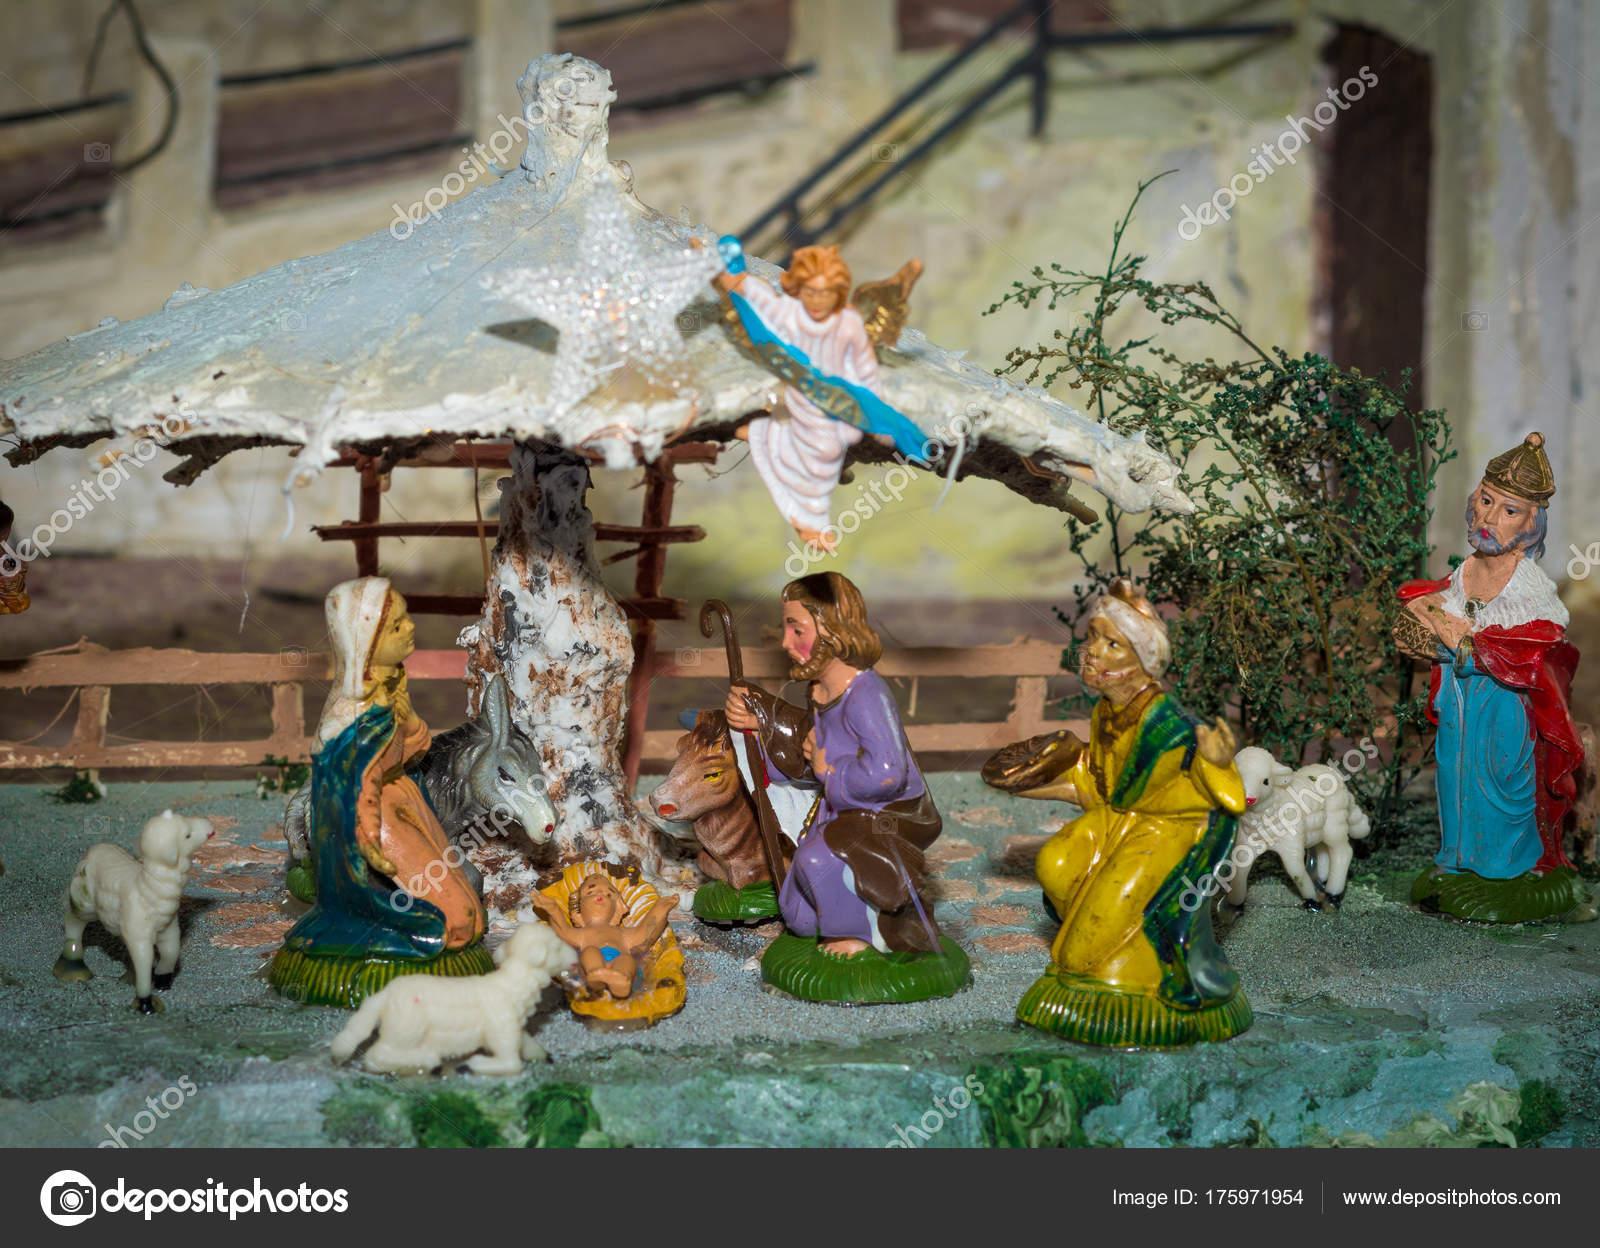 Foto Del Presepe Di Natale.Presepe Di Natale Rappresentata Con Statuette Di Maria